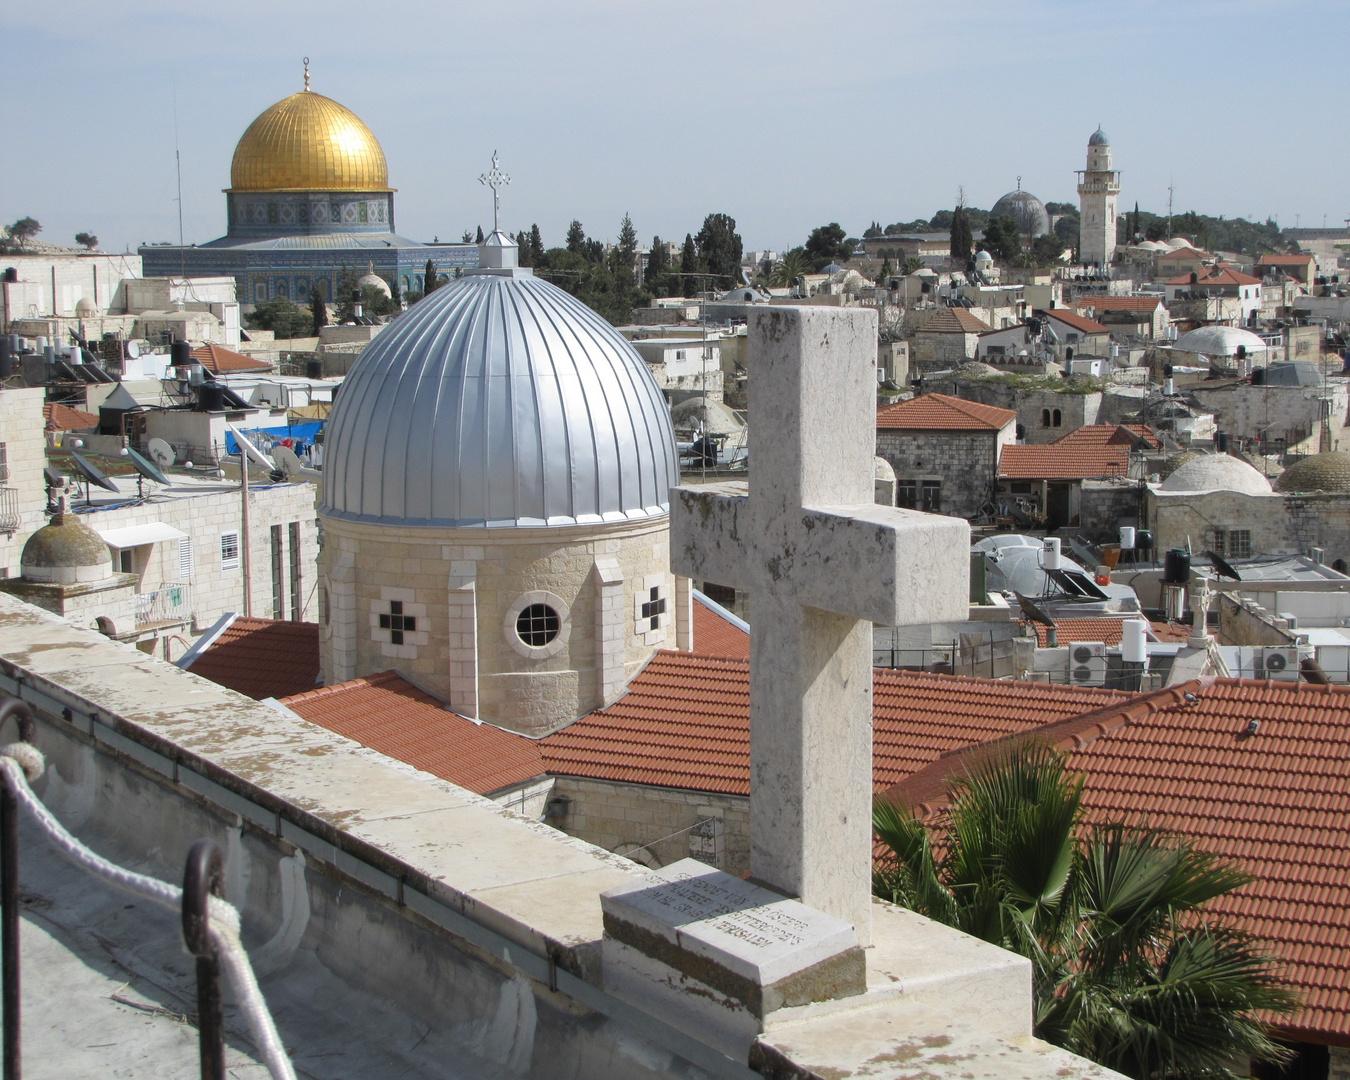 Weltreligionen treffen aufeinander - Jerusalem